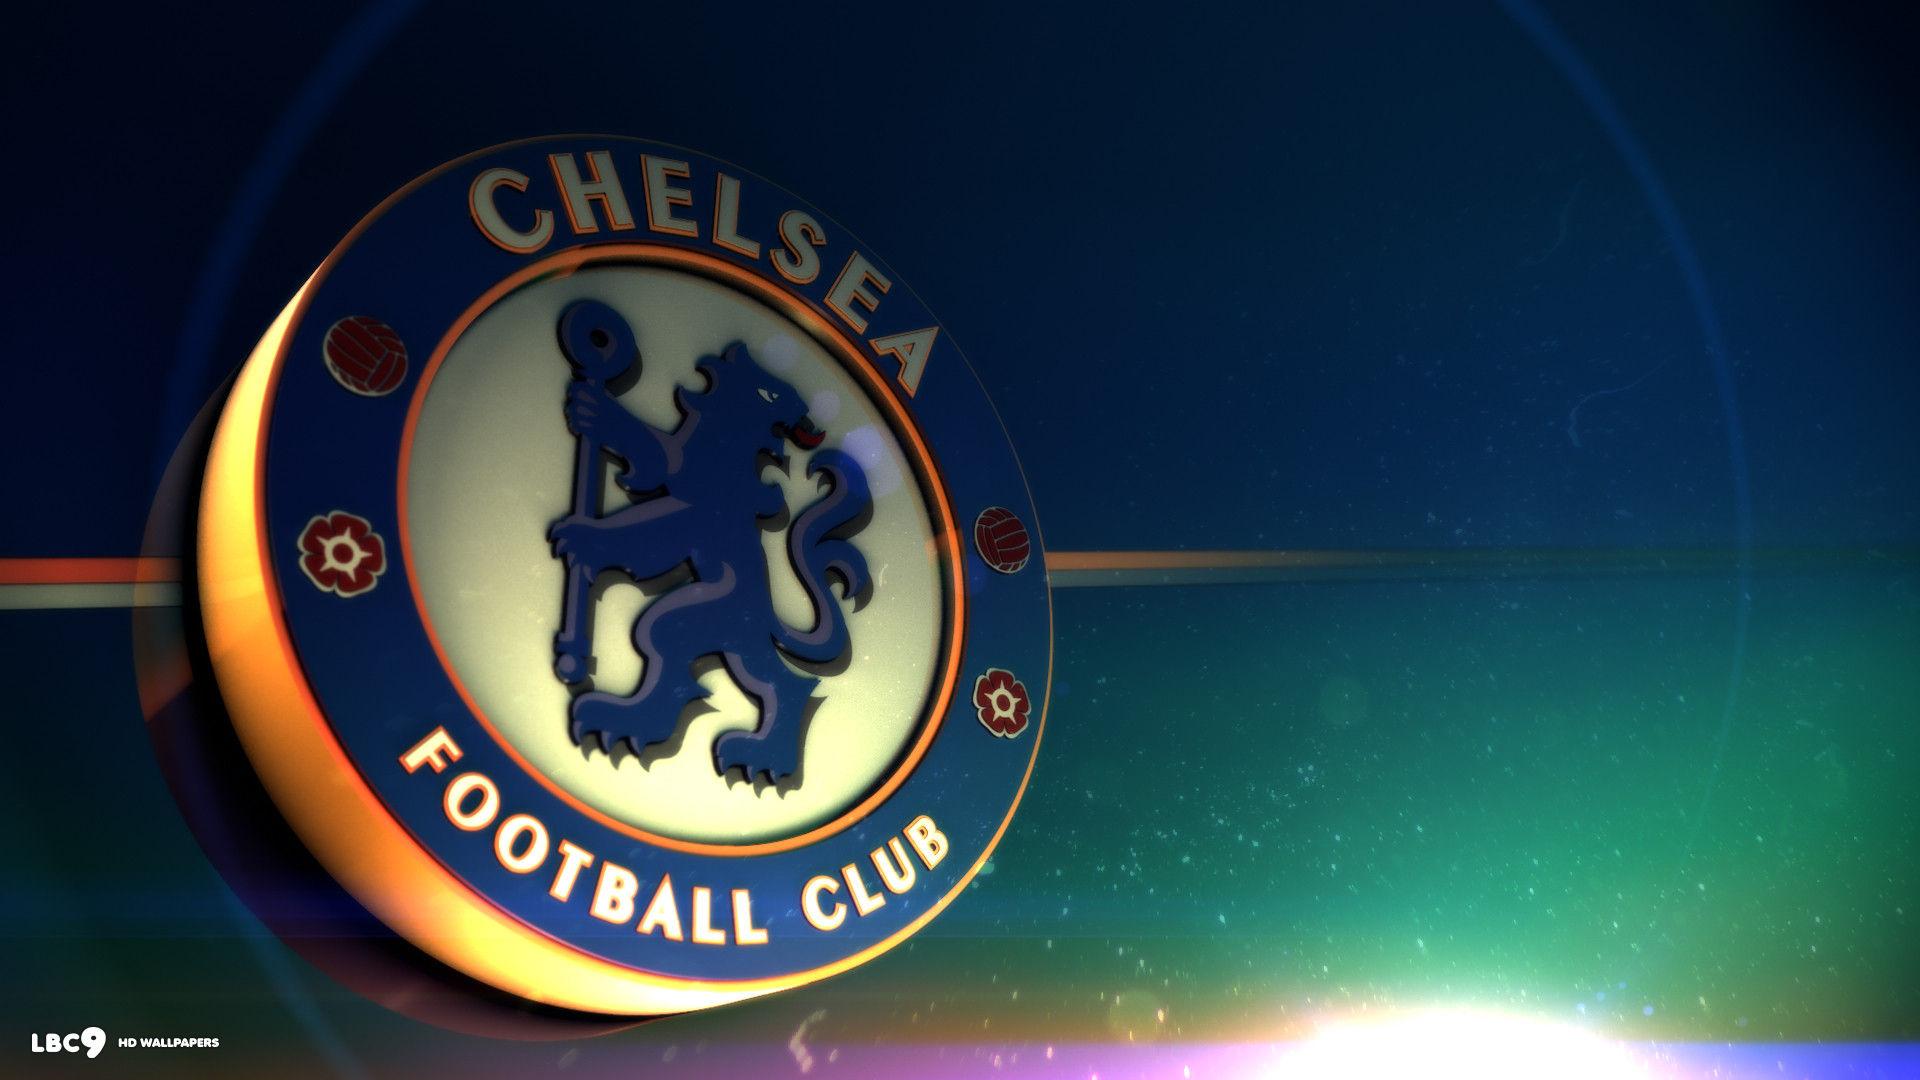 Chelsea FC Wallpaper 10   1920 X 1080 stmednet 1920x1080